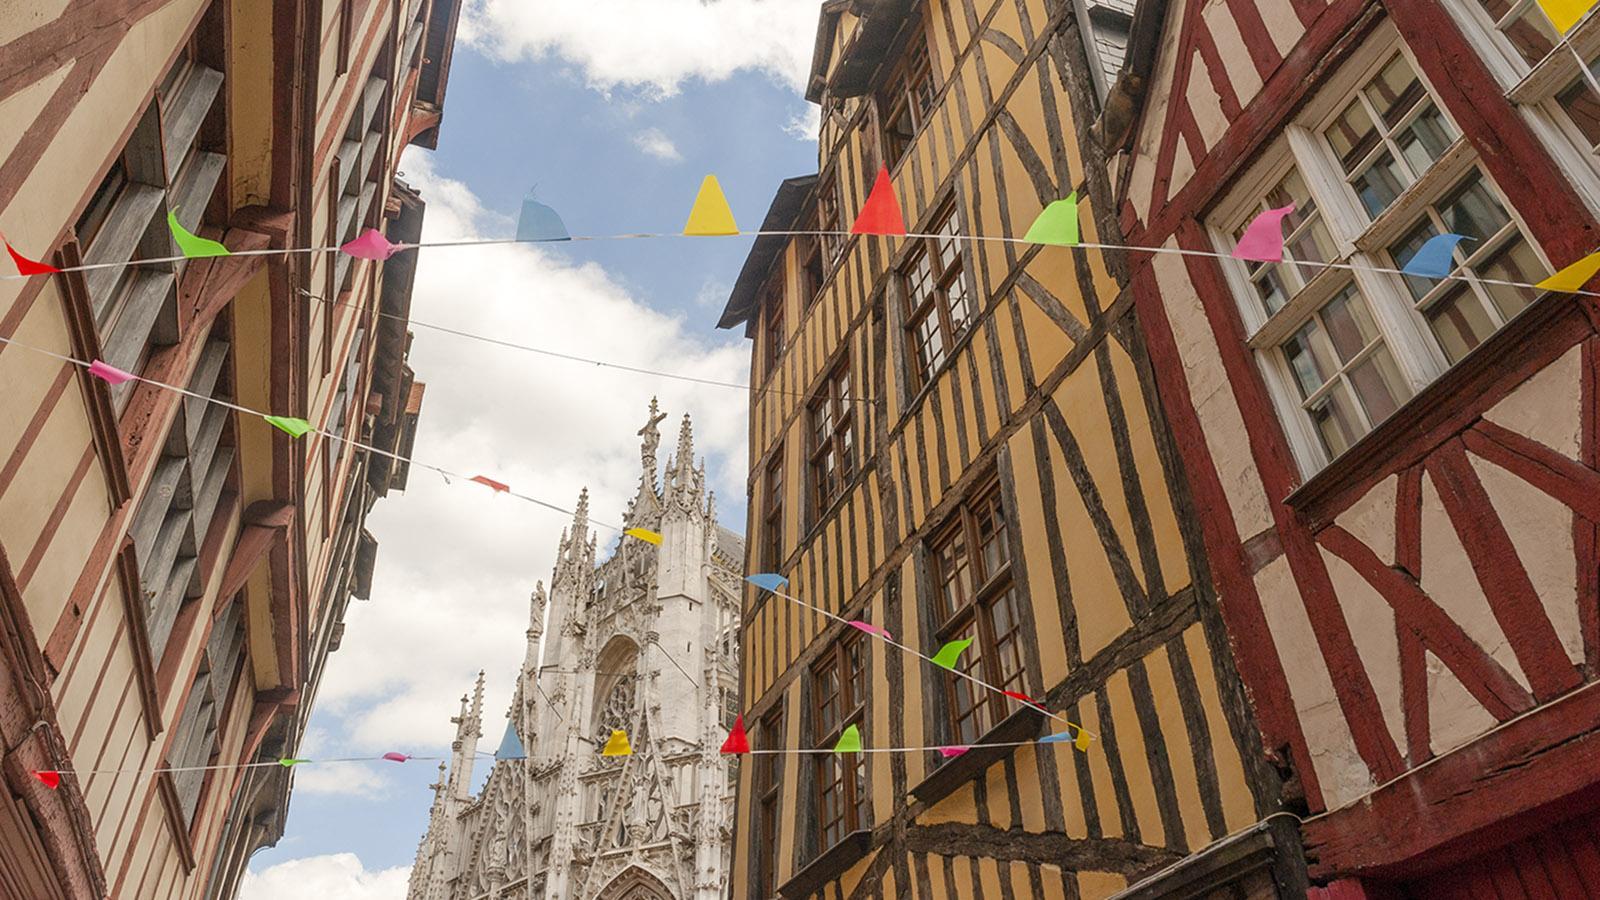 Rouen: Fachwerk aus dem Mittelalter bei der gotischen Kirche Saint-Macloui. Foto: Hilke Maunder